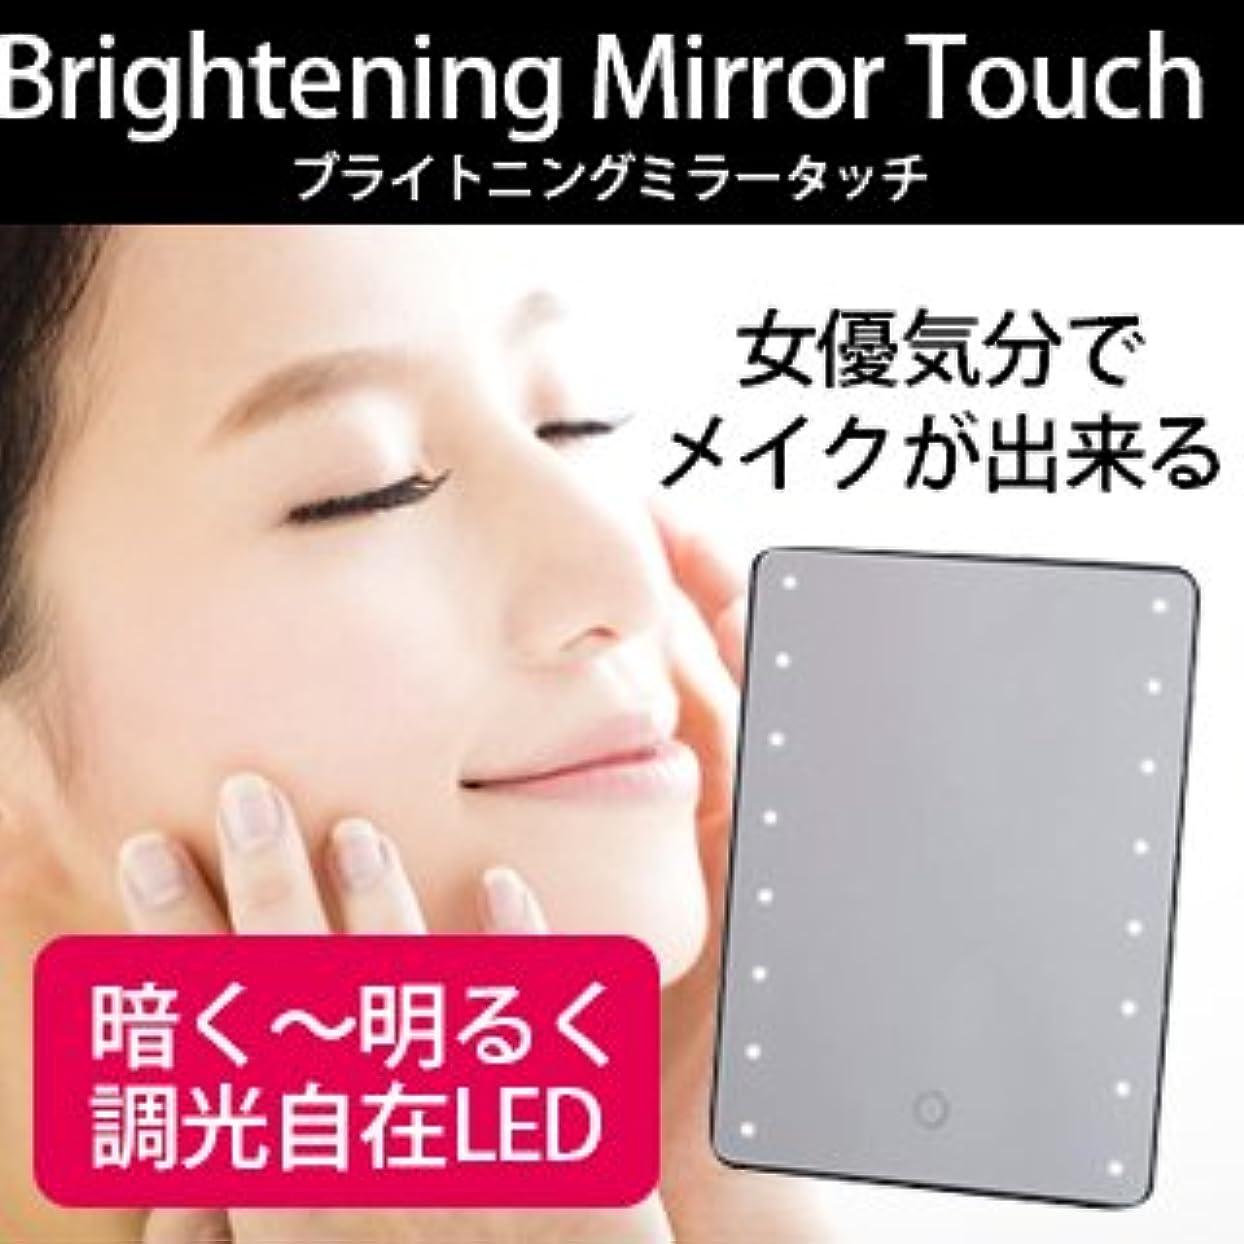 キャップみなす注ぎます【ブラック】LEDライト ブライトニングミラー タッチ【ライト付き 卓上ミラー 鏡 】